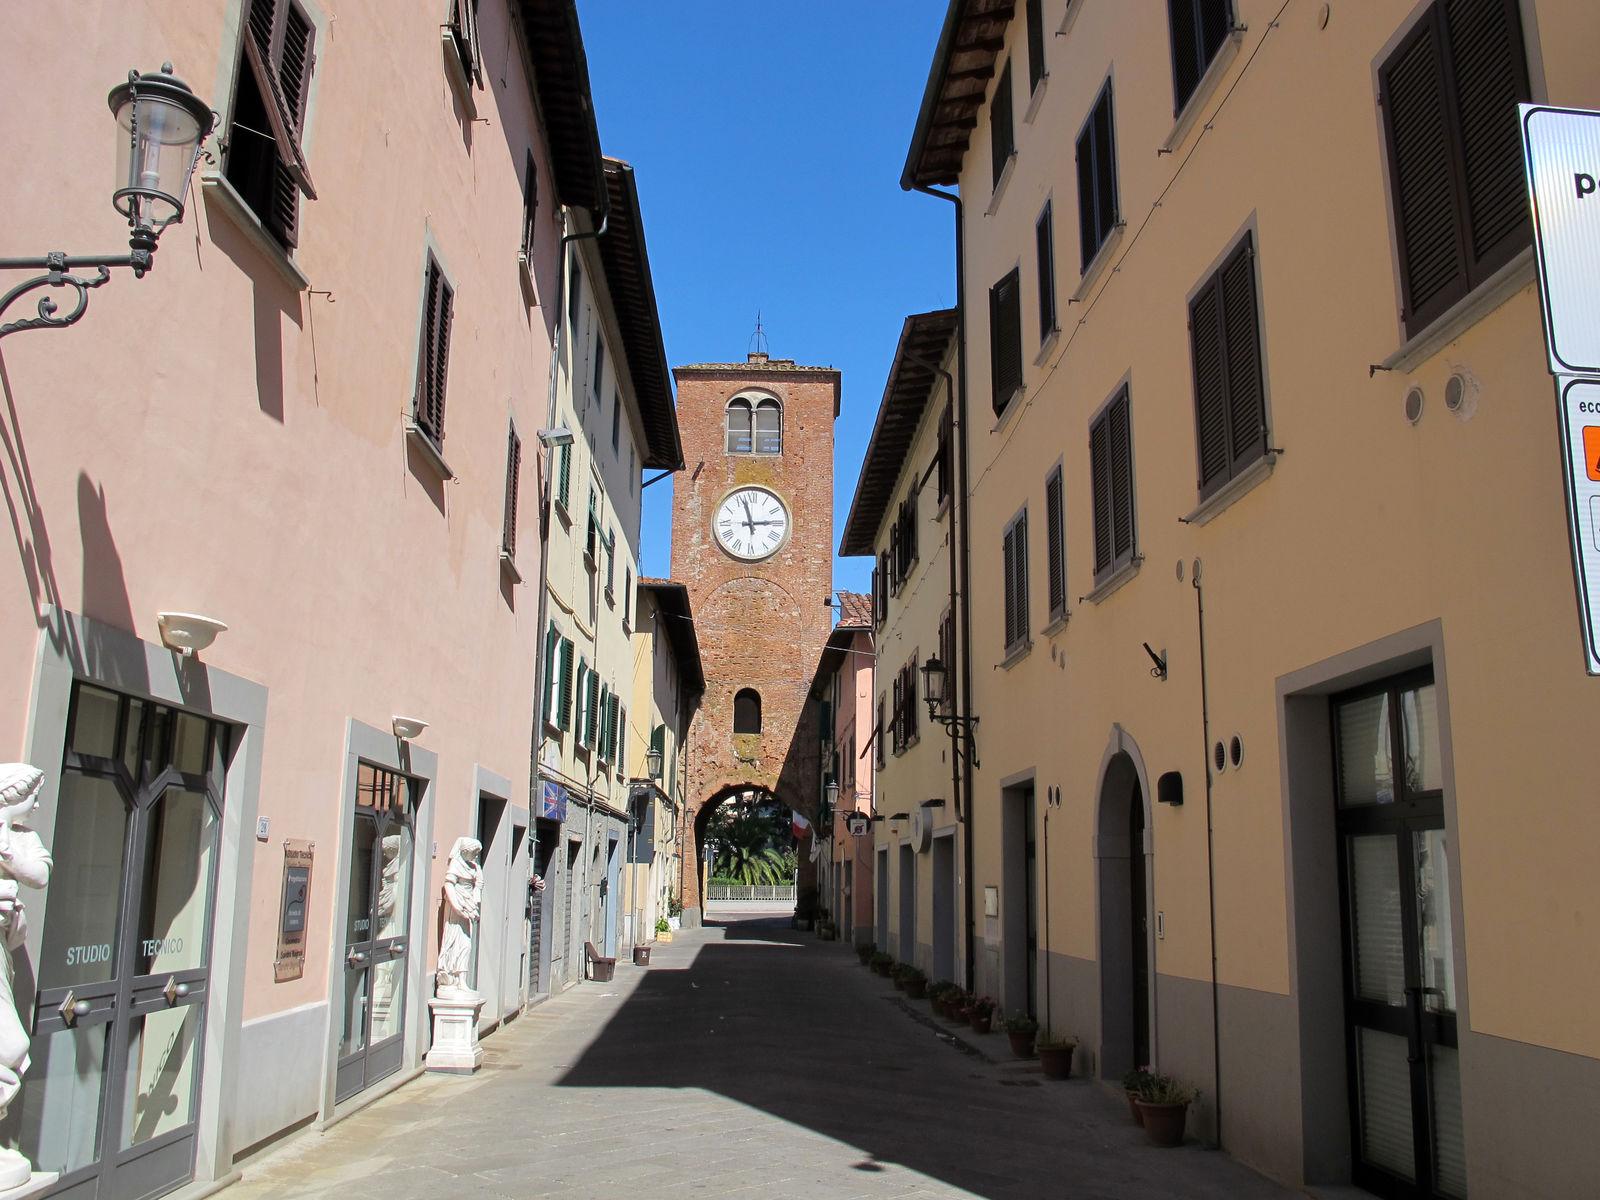 Castelfranco di Sotto - Il borgo che fece fortuna